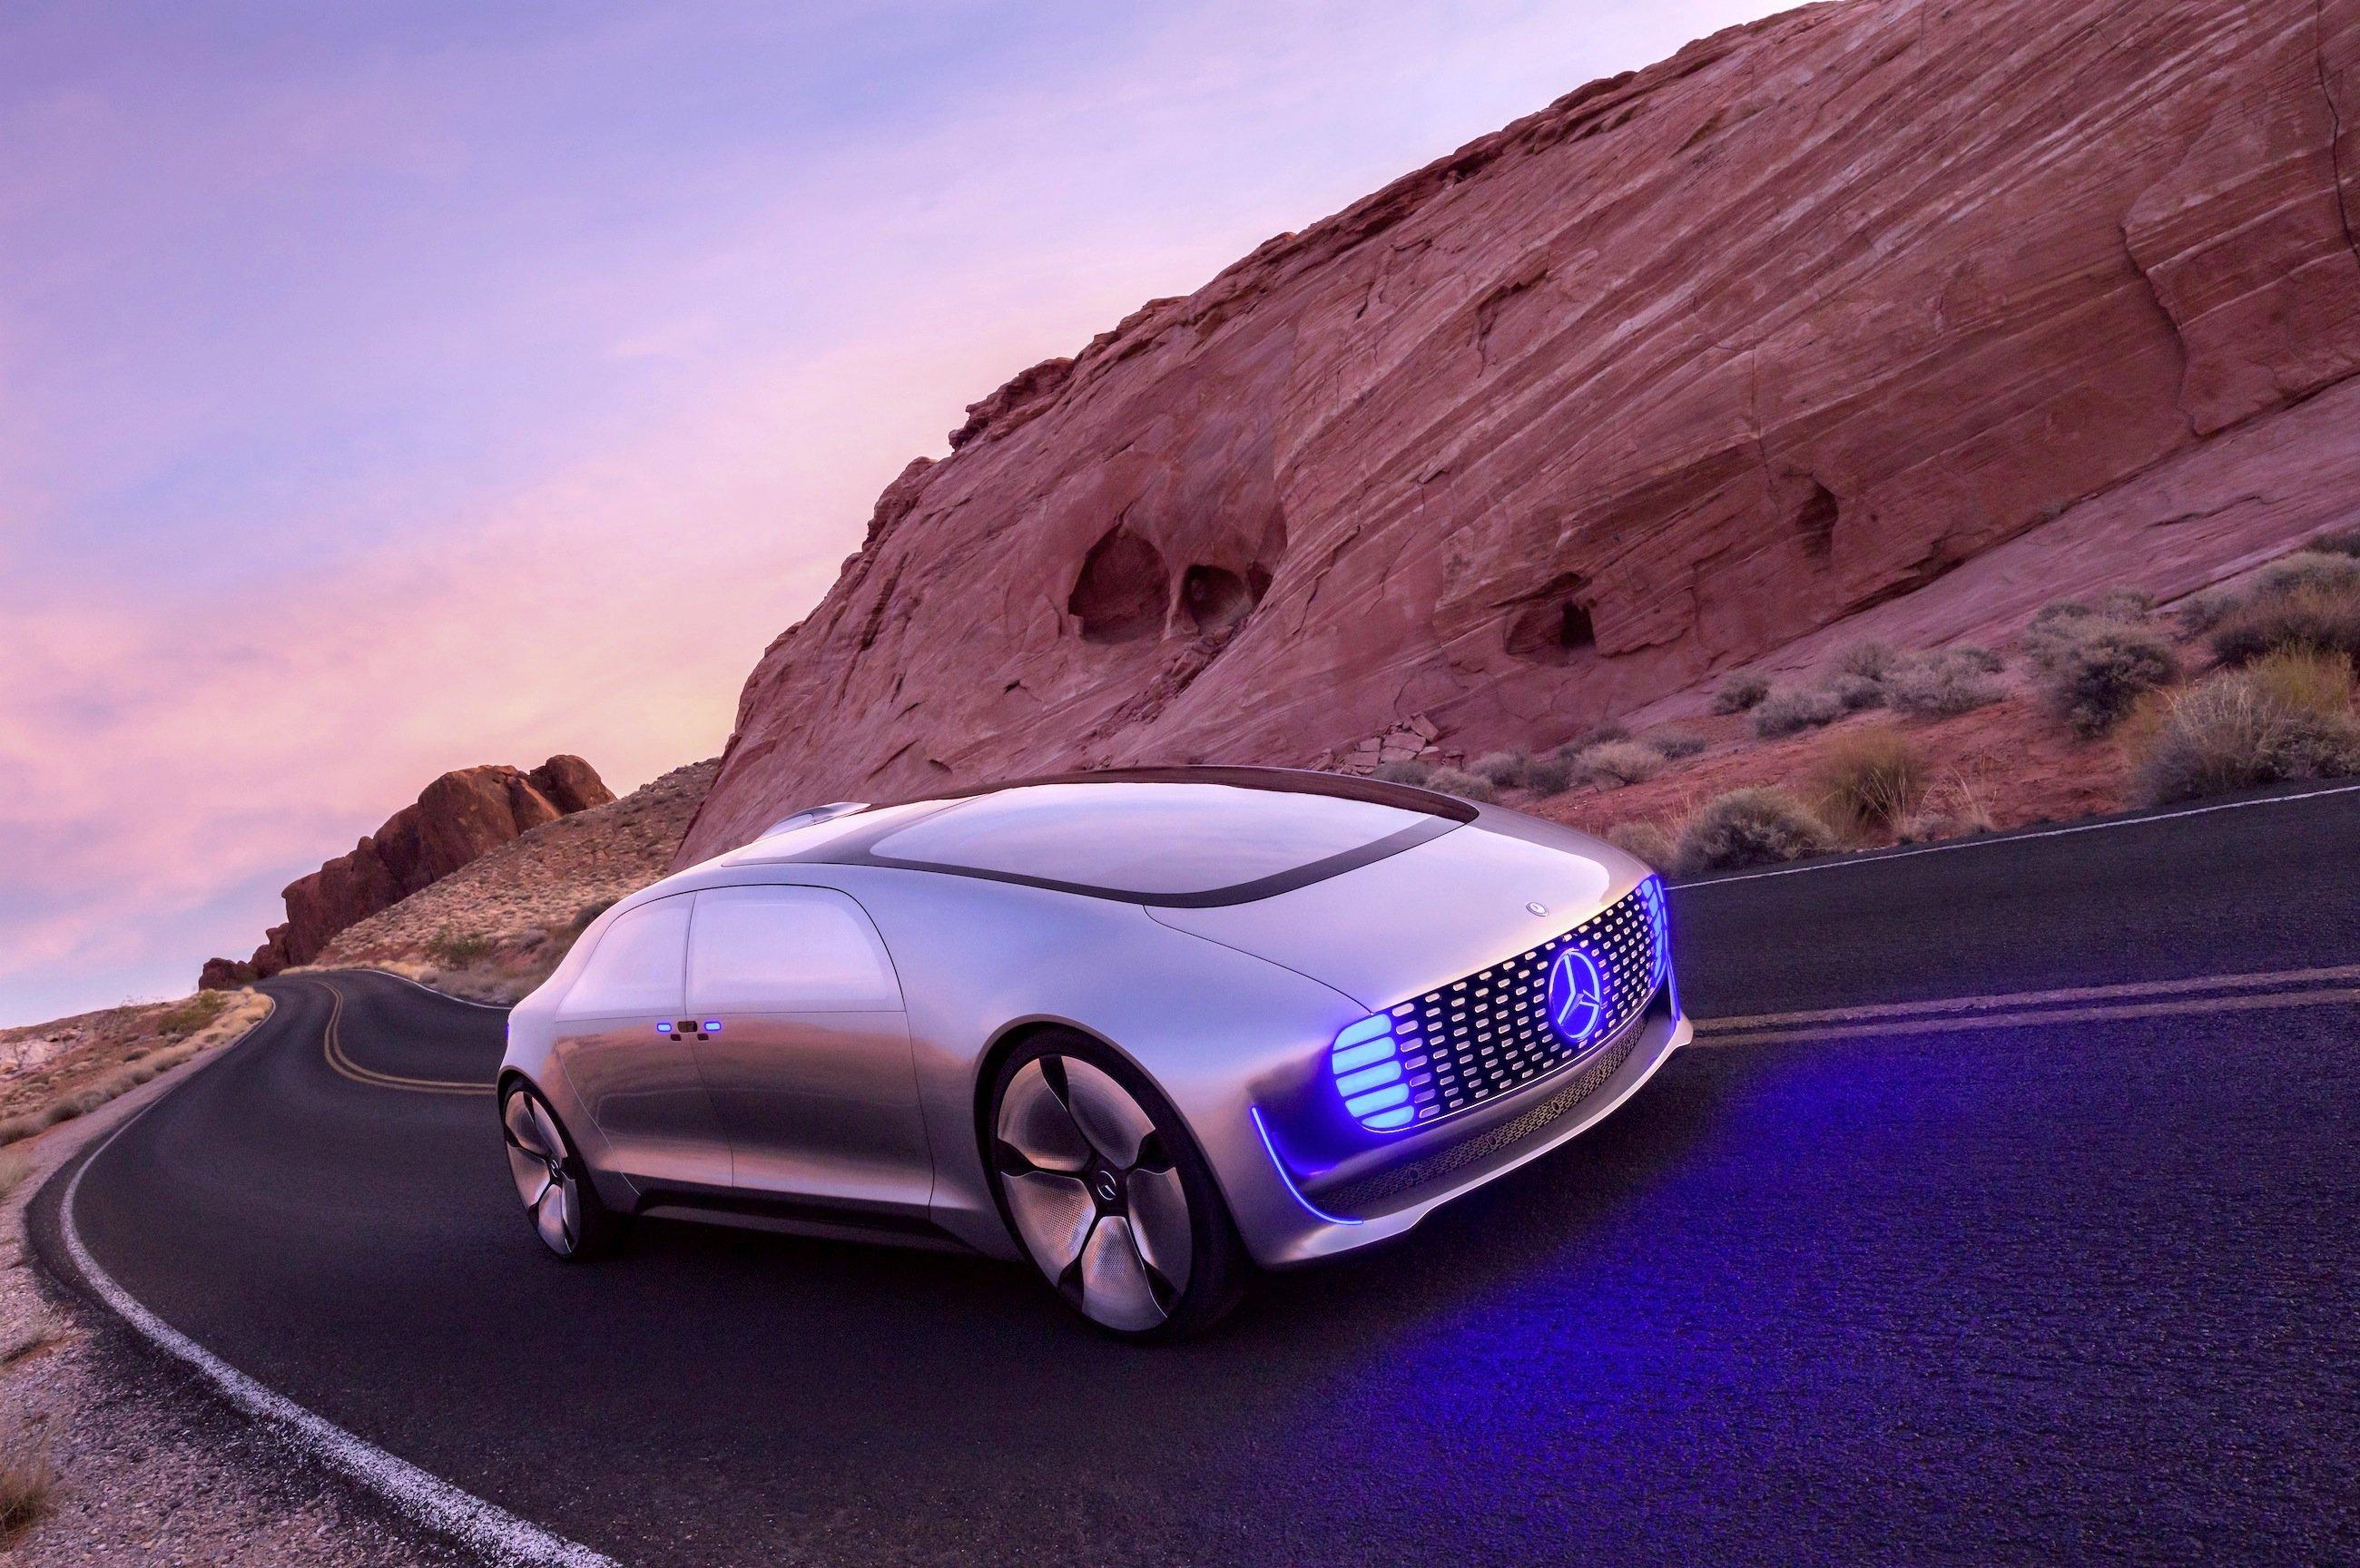 Das Brennstoffzellenauto F 015 ist vor der Präsentation auf der CES durch die Wüste nach Las Vegas gefahren.